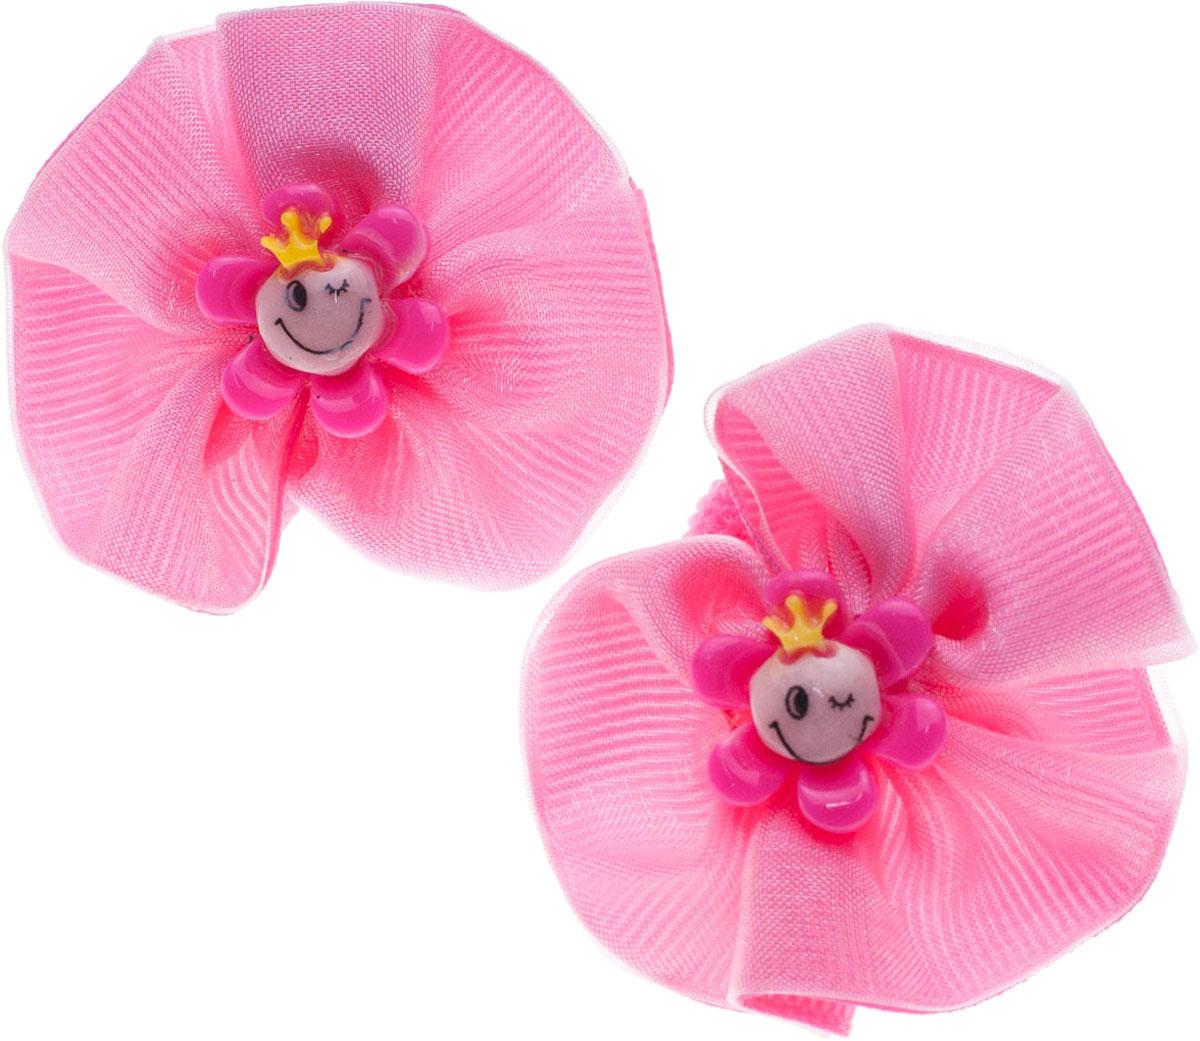 Резинка для волос Мастерская Крутовых, цвет: розовый, 2 шт. 14-297